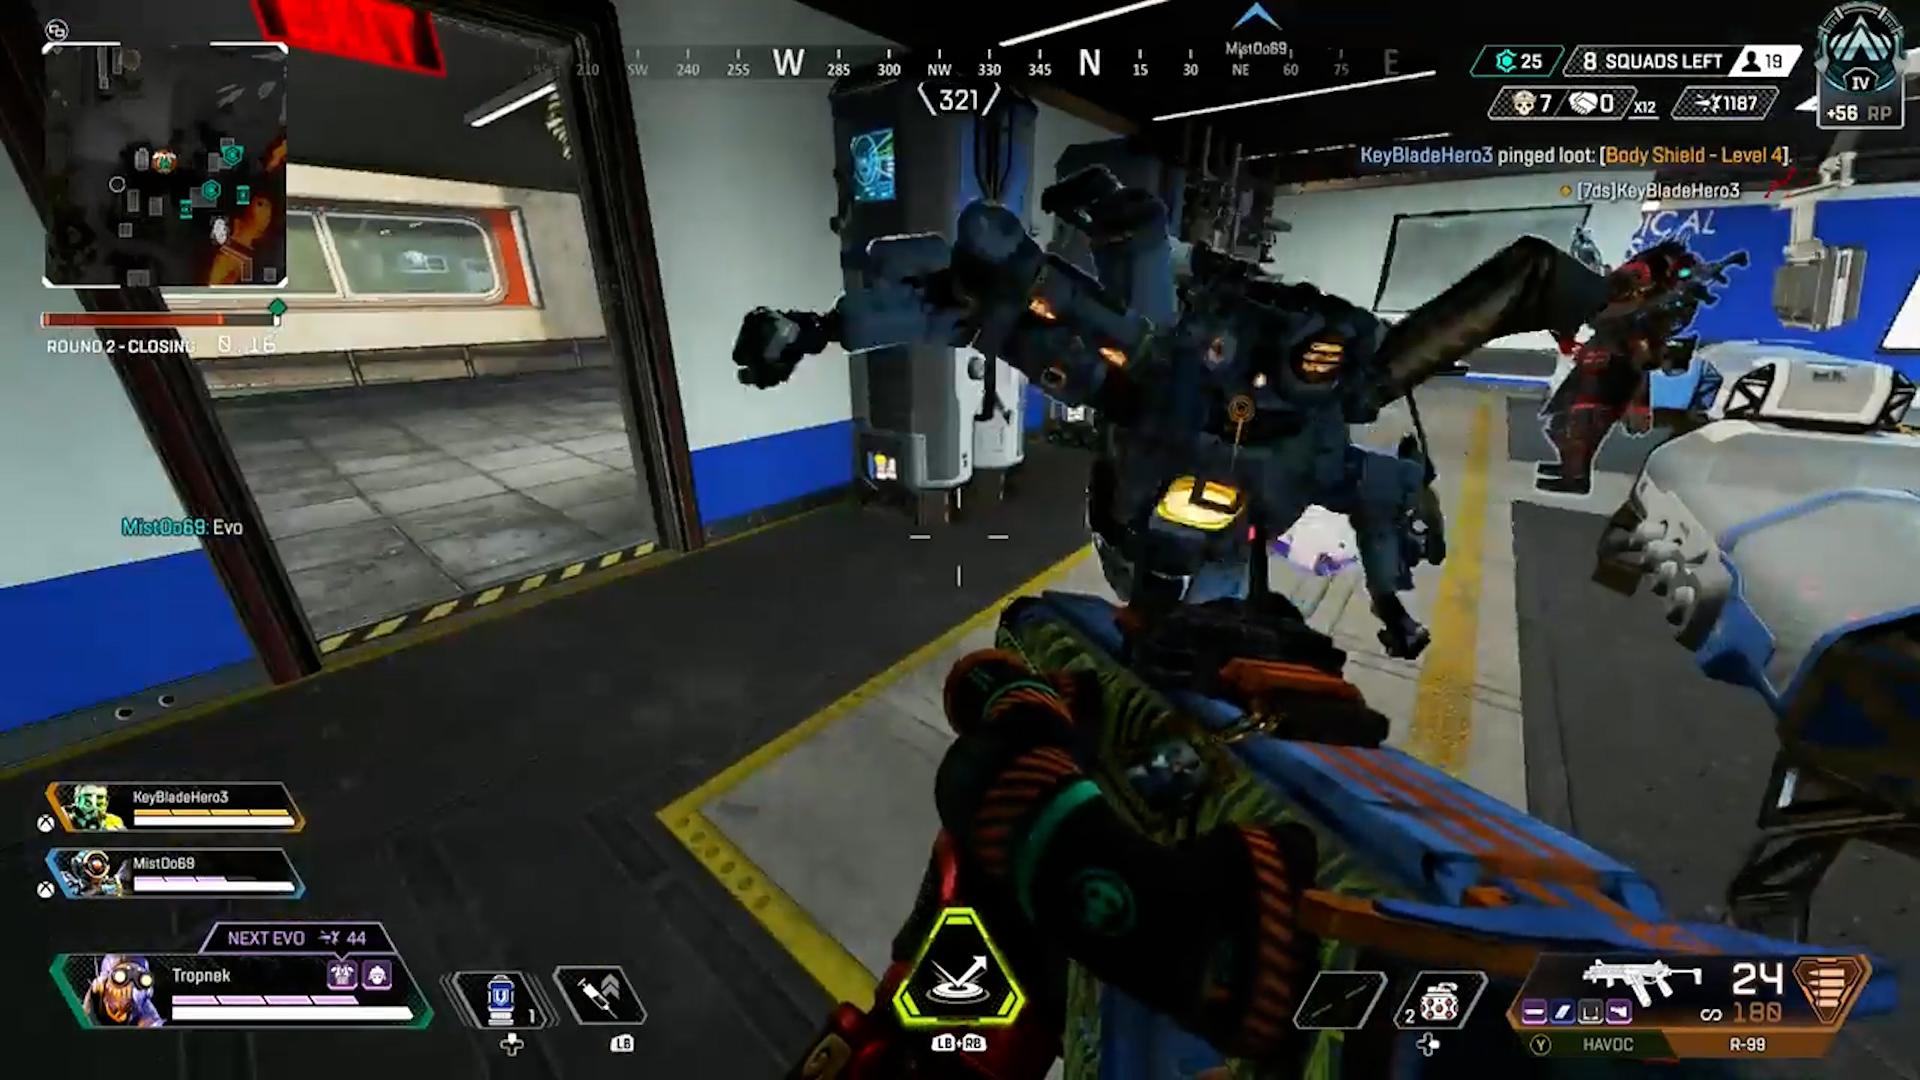 【APEX】CS版にもプレイヤー通報機能が欲しくなる瞬間